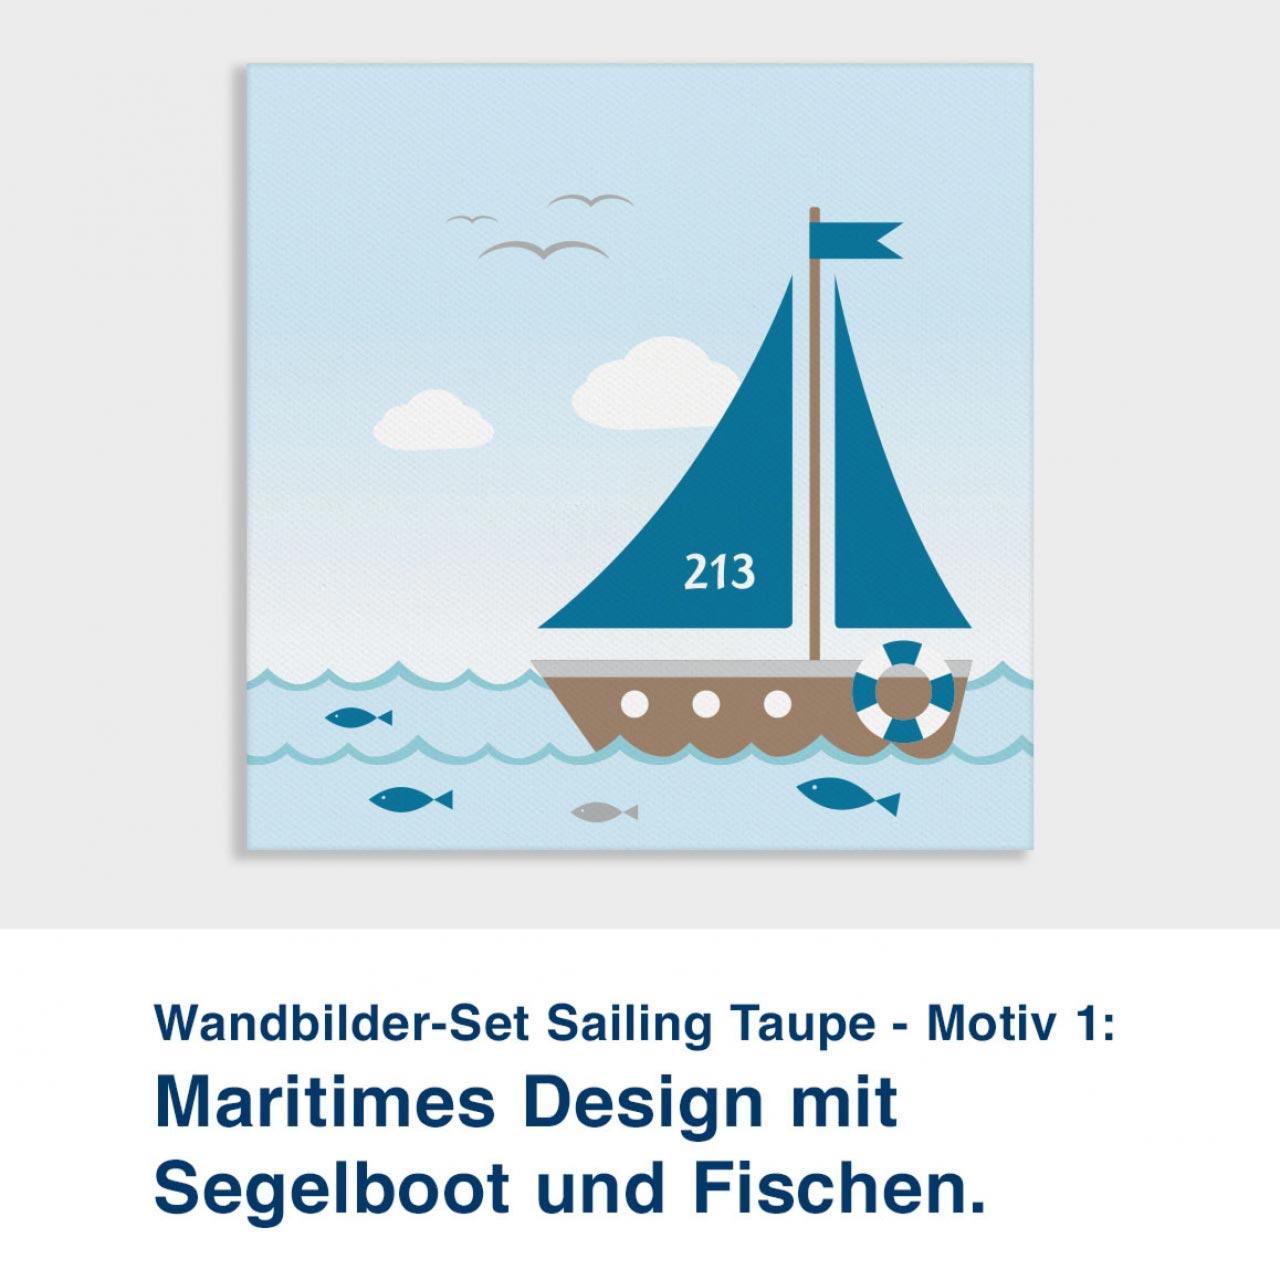 Wandbilder-Set Sailing Taupe - Motiv 1:  Maritimes Design mit  Segelboot und Fischen.